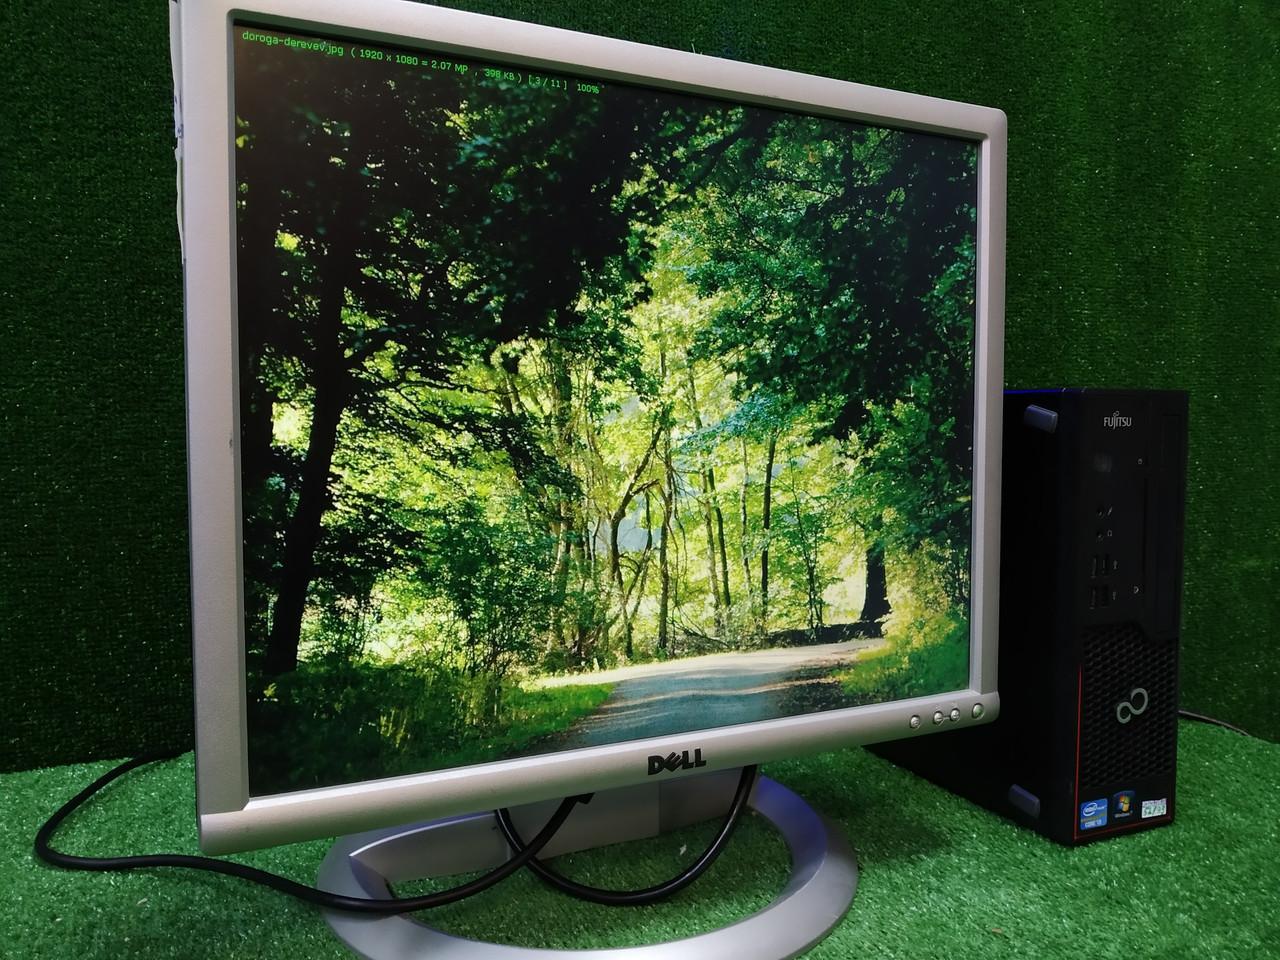 """ПК +монитор 19"""" PVA, i3-3220 3.3, 4 ГБ, 160 Гб, 2xCOM, 10 USB, USB 3.0 Настроен. Германия!"""